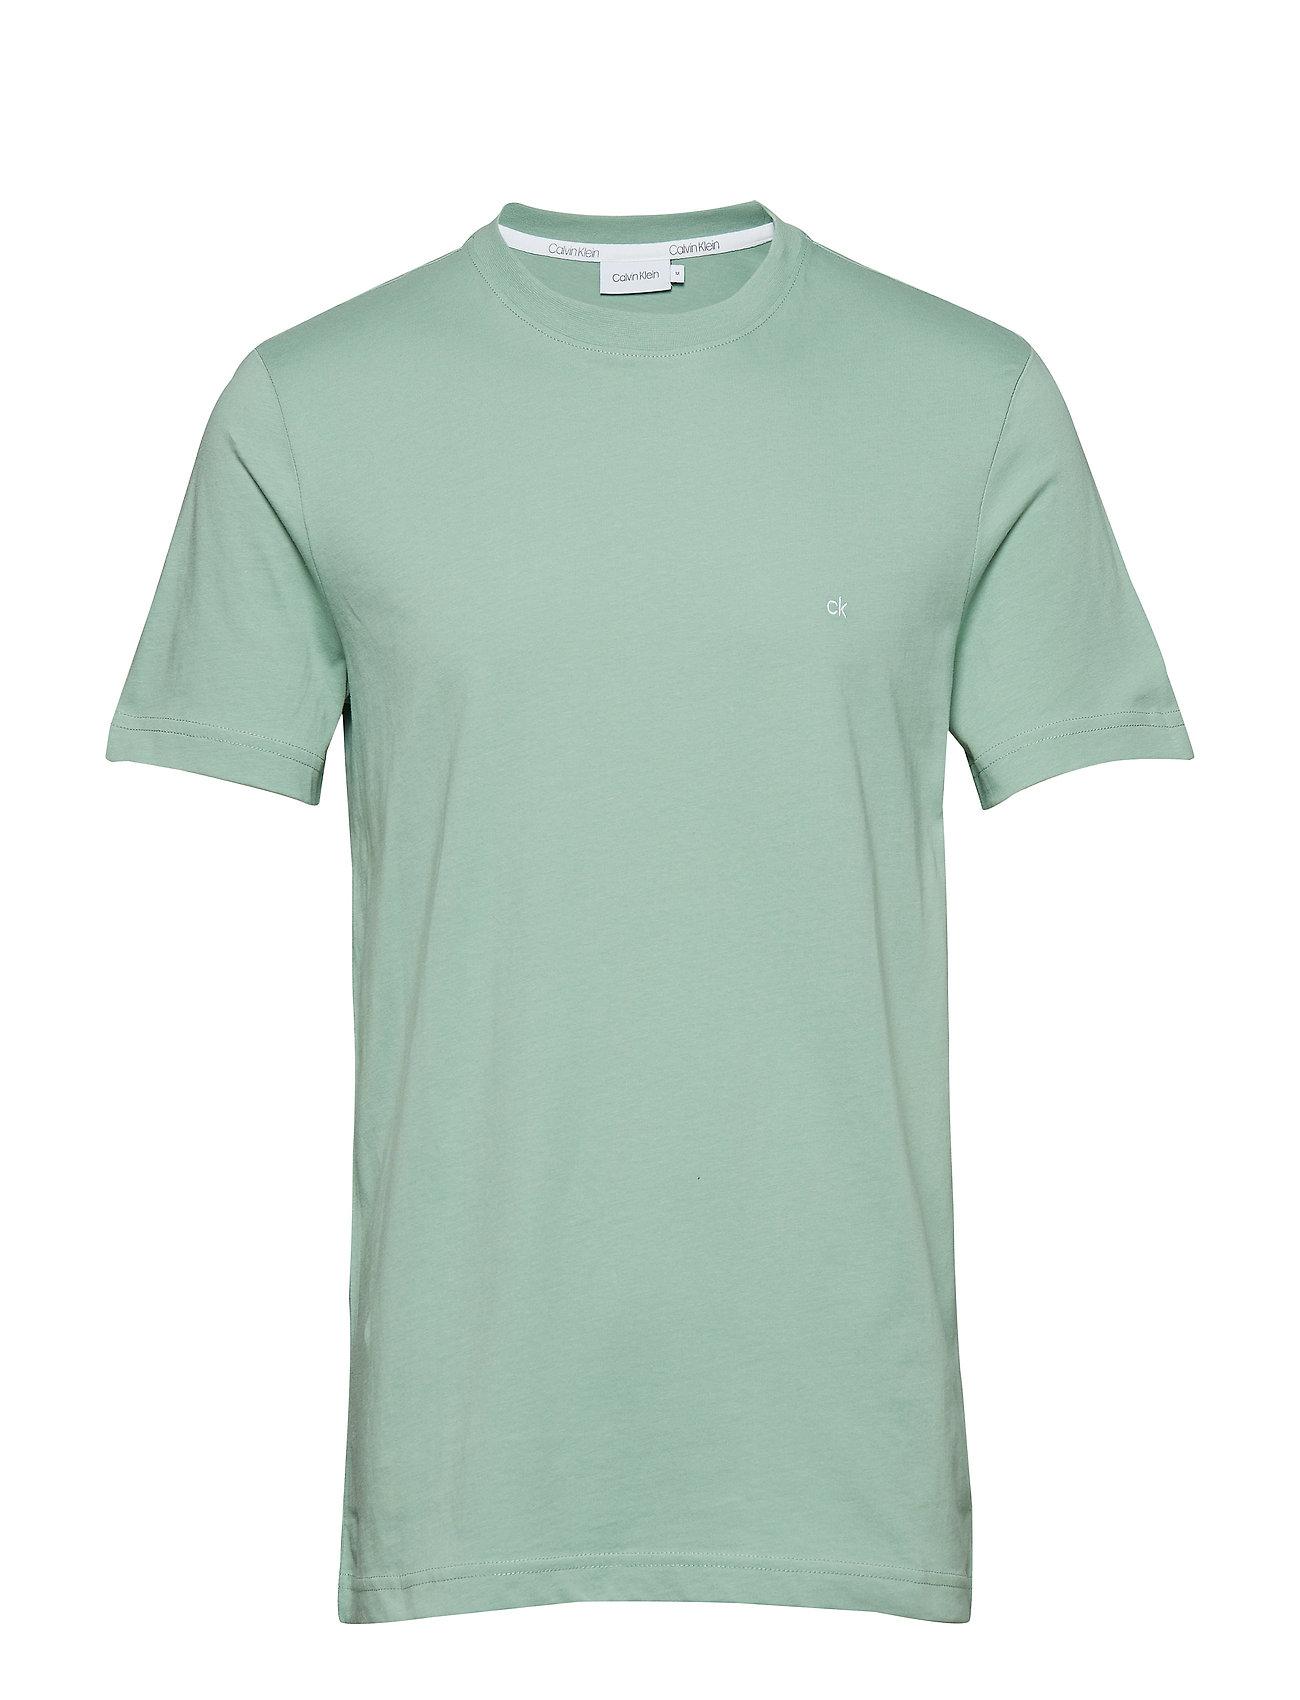 Calvin Klein COTTON LOGO EMBROIDE - GRANITE GREEN